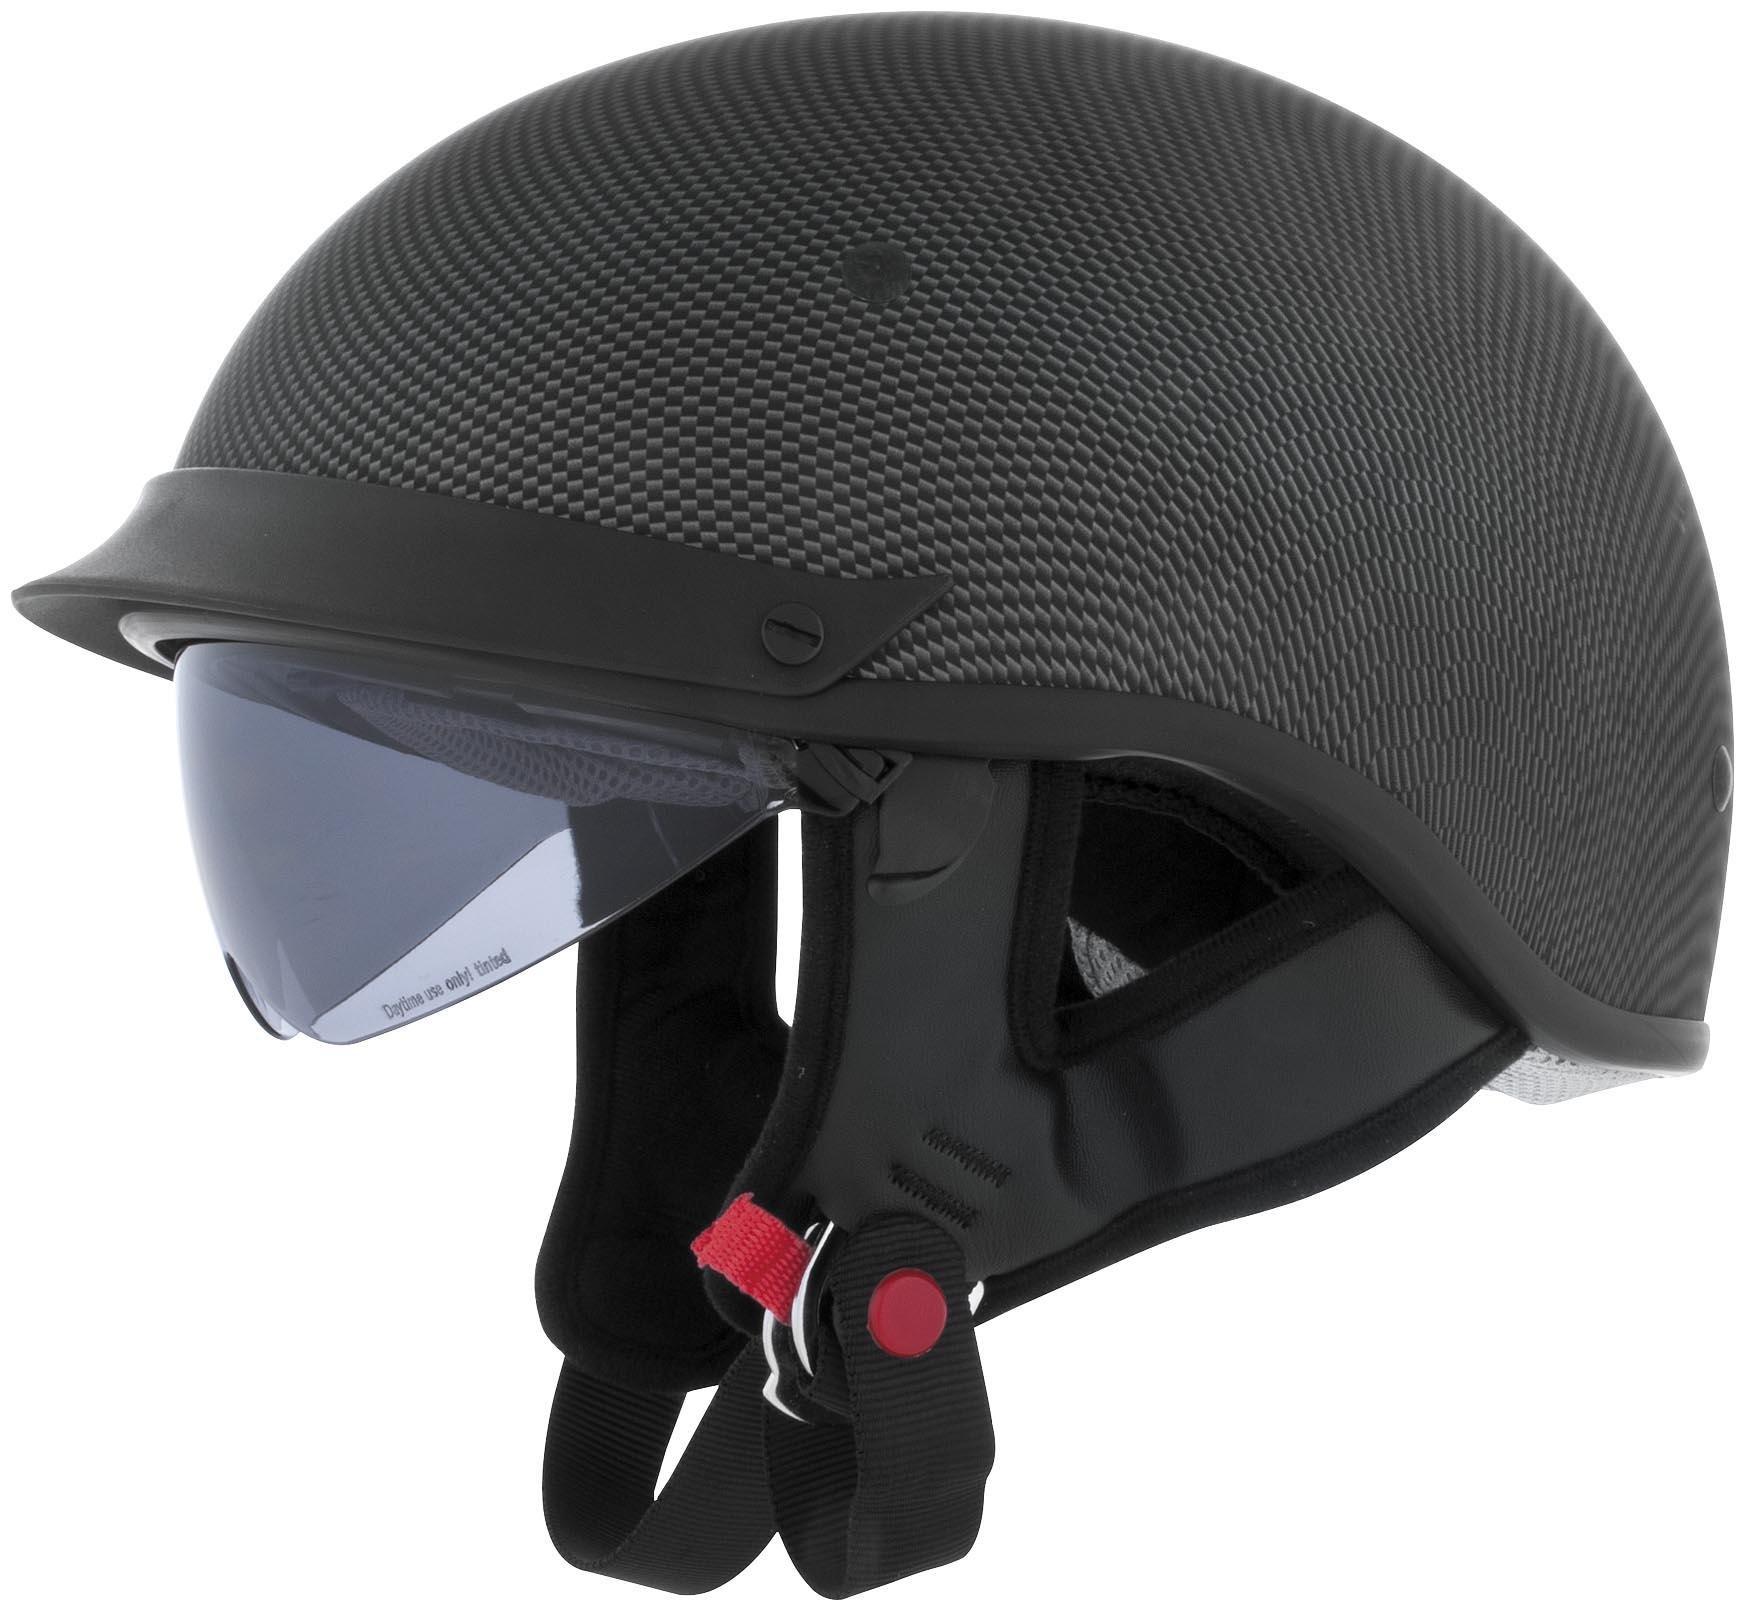 Cyber Helmets Internal Sun Shield for U-72 Helmet - Clear